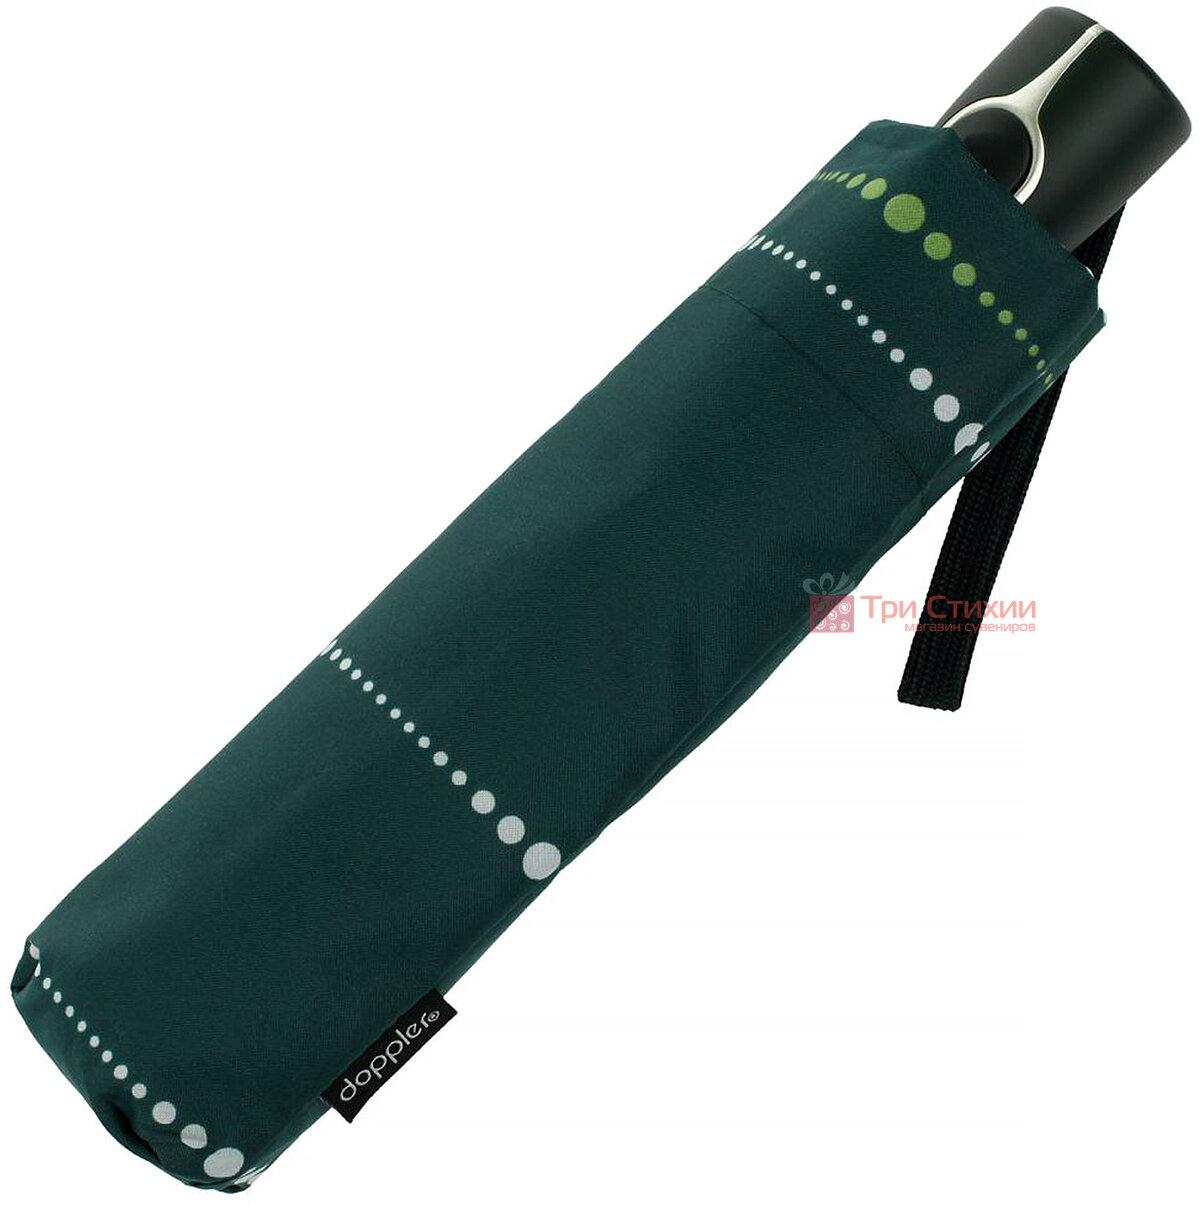 Парасолька складана Doppler 730165S02 напівавтомат Зелена, фото 2